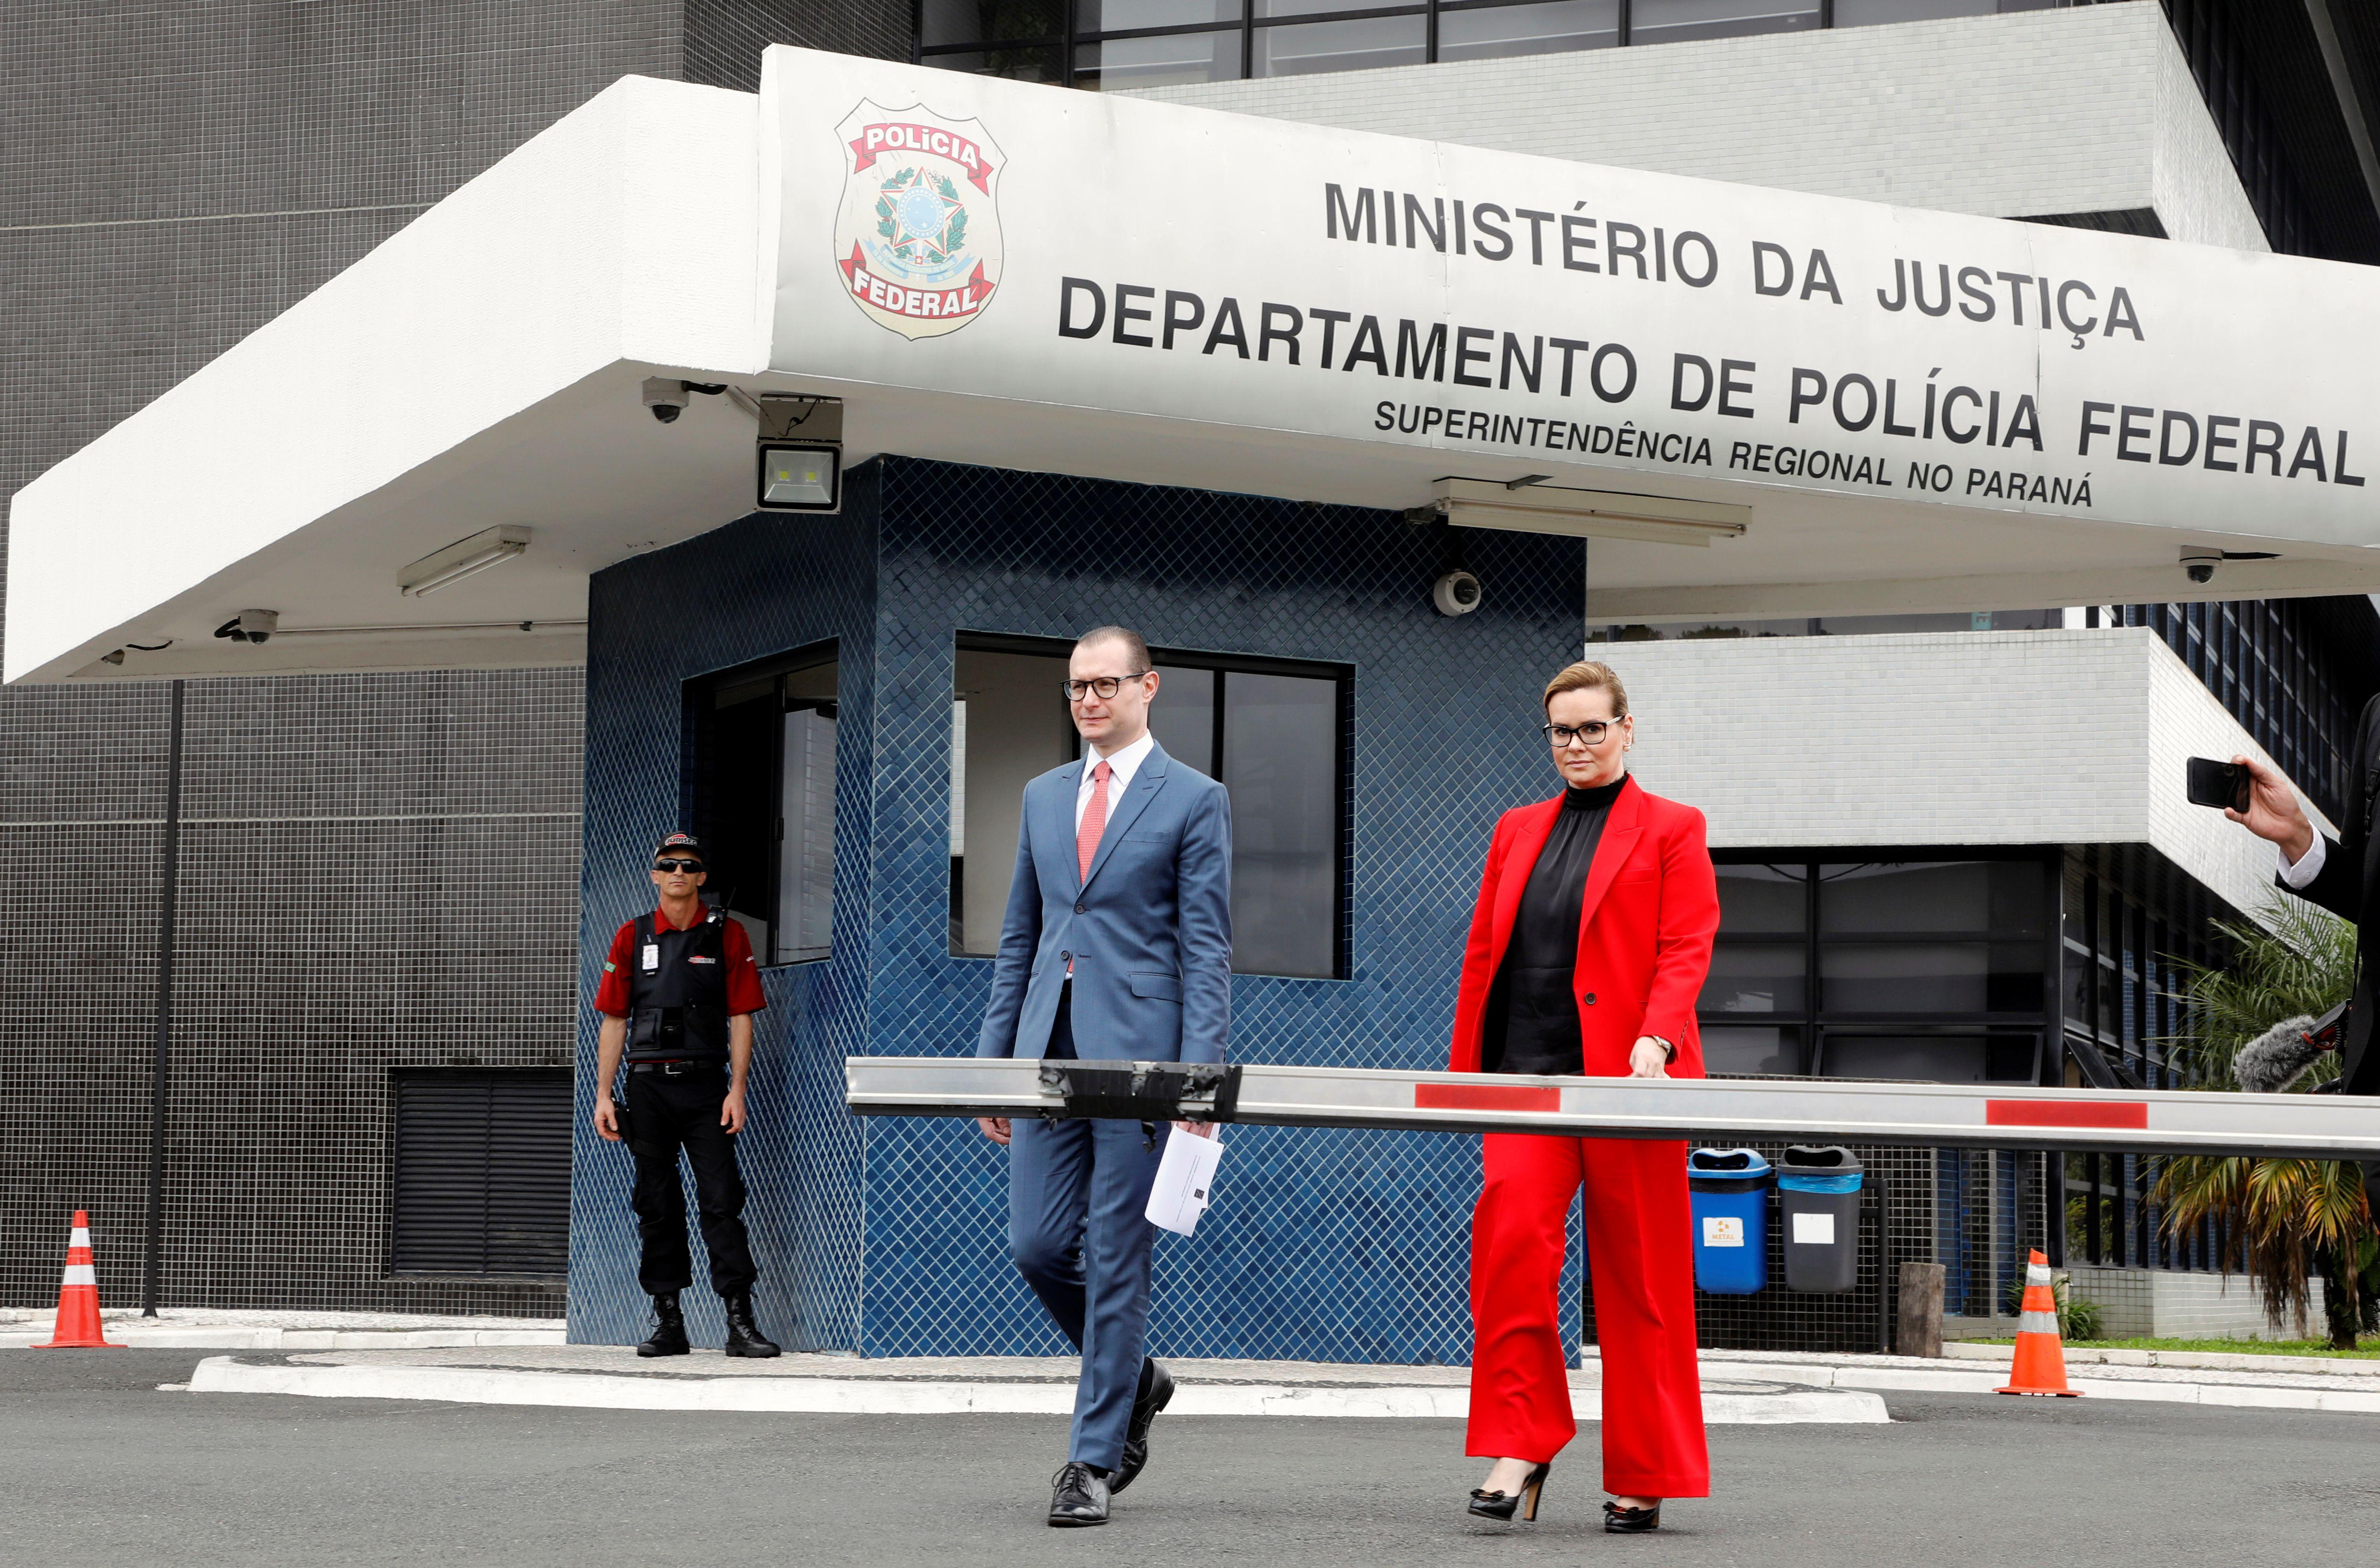 Cristiano Zanin y Valeska T. Martins, abogados defensores de Lula frente a la prisión donde se encuentra el ex mandatario el 8 de noviembre de 2019 (REUTERS/Rodolfo Buhrer)